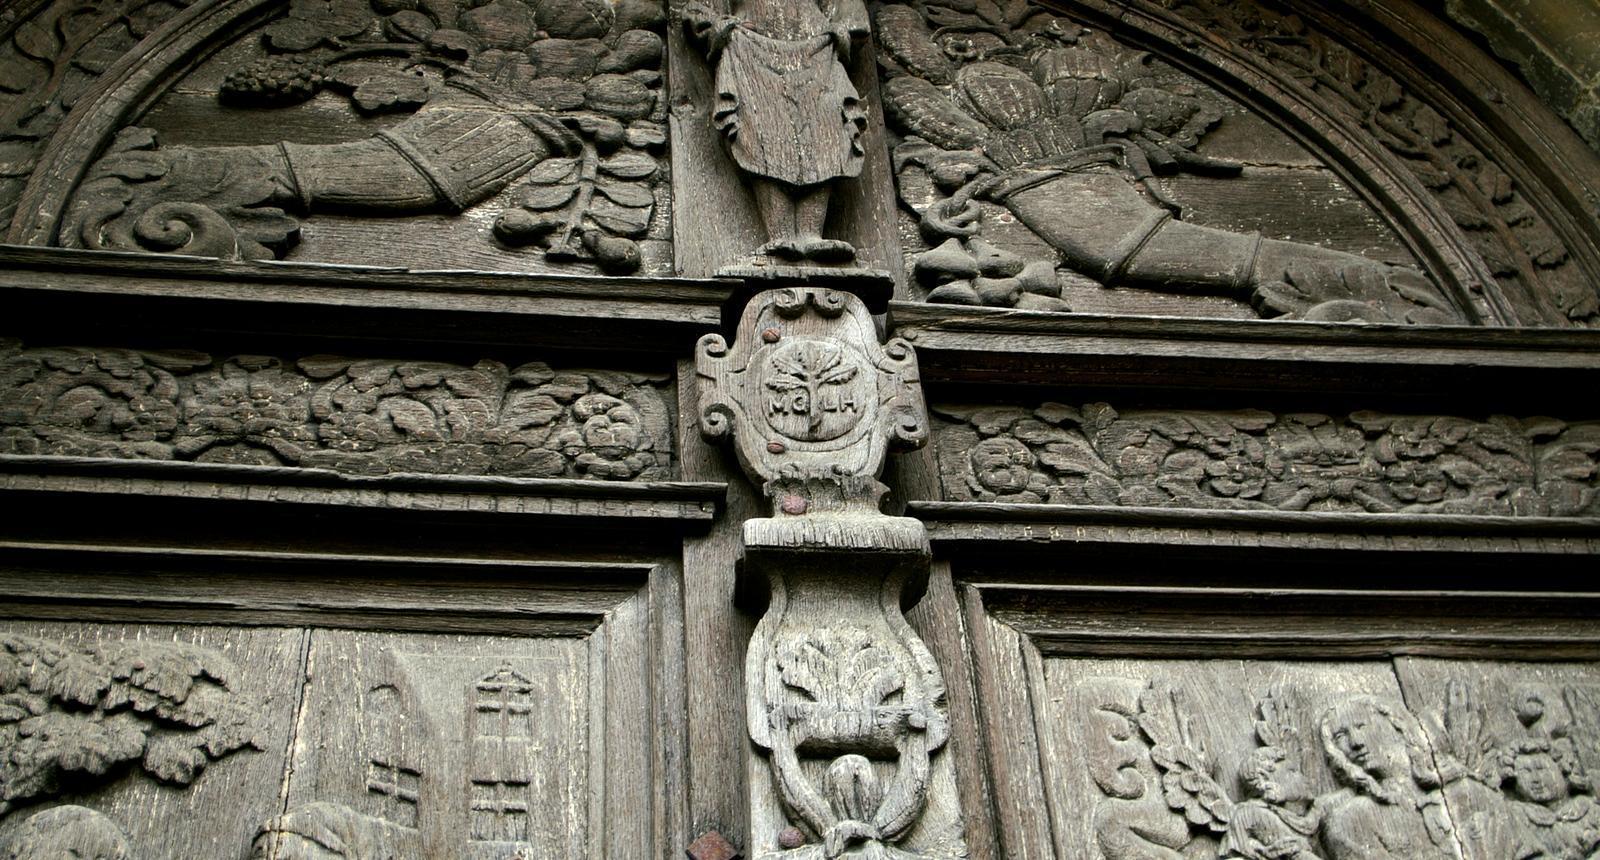 Fronton du porche central de l'église Notre-Dame de Saint-Calais